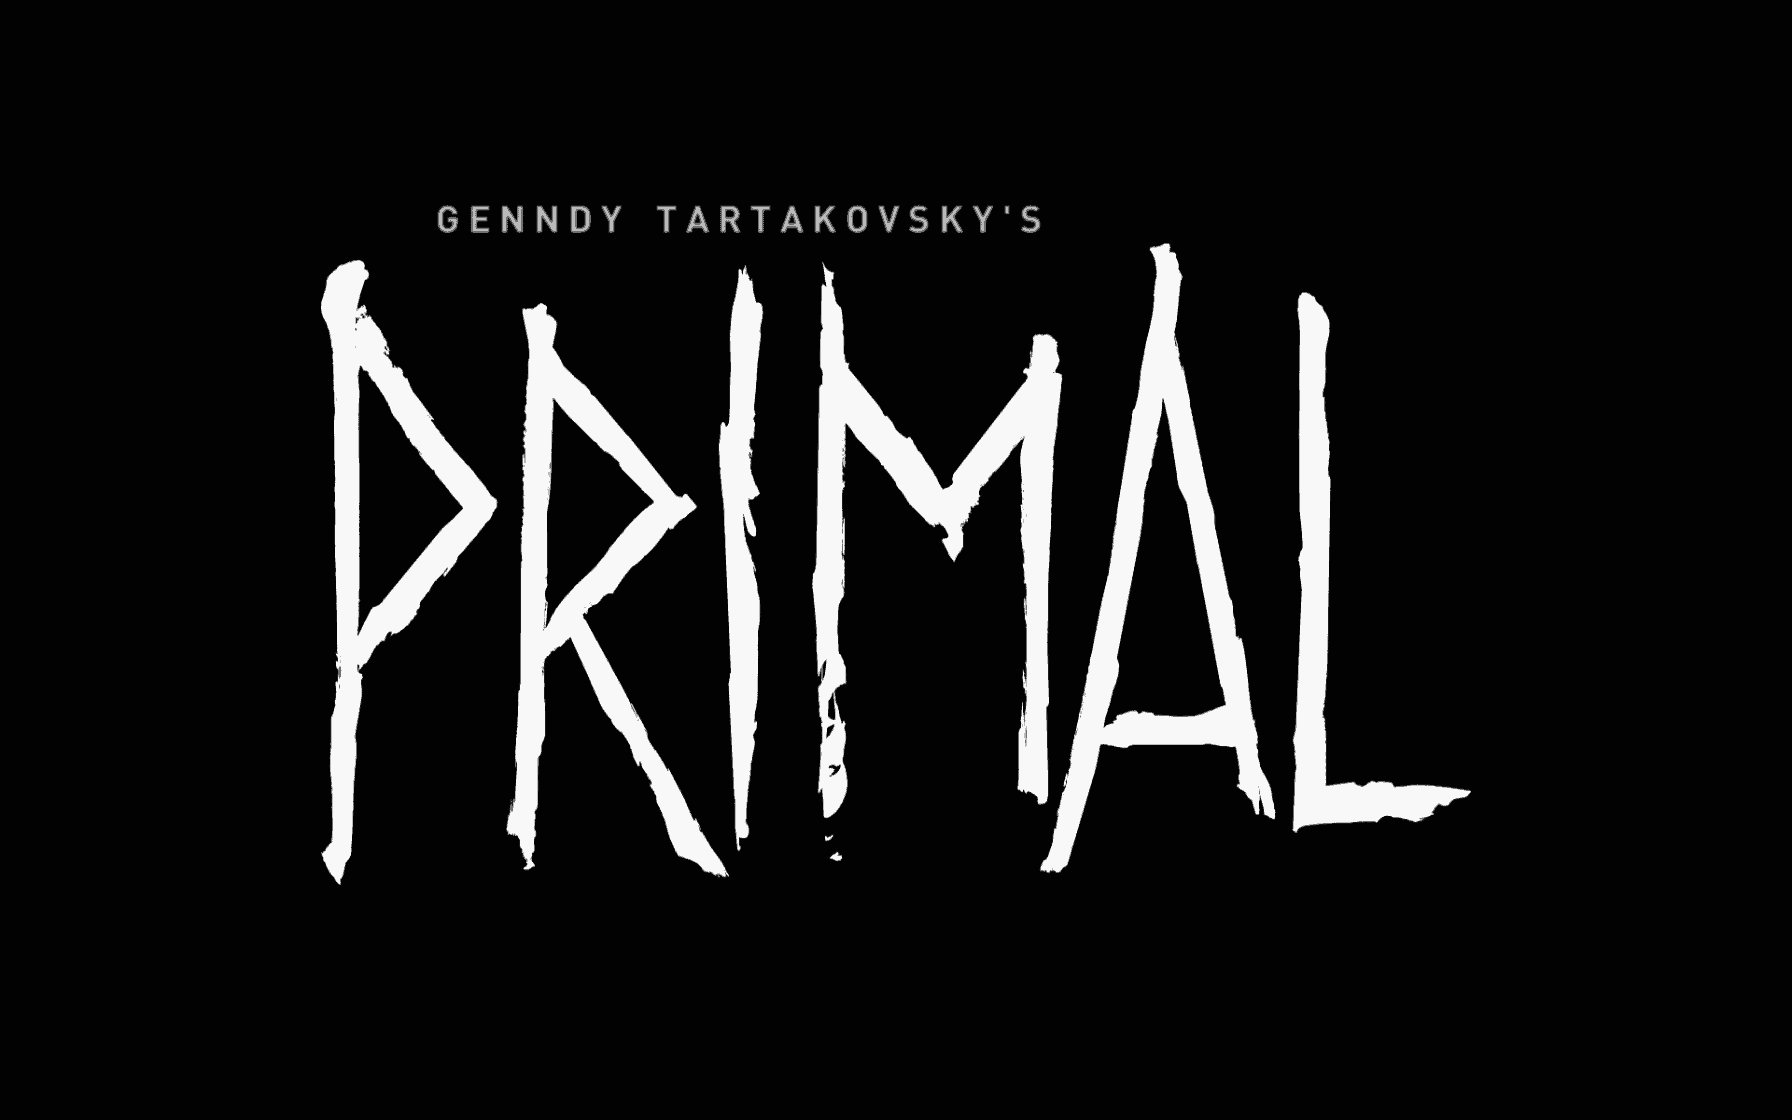 primal season 1 blu ray title